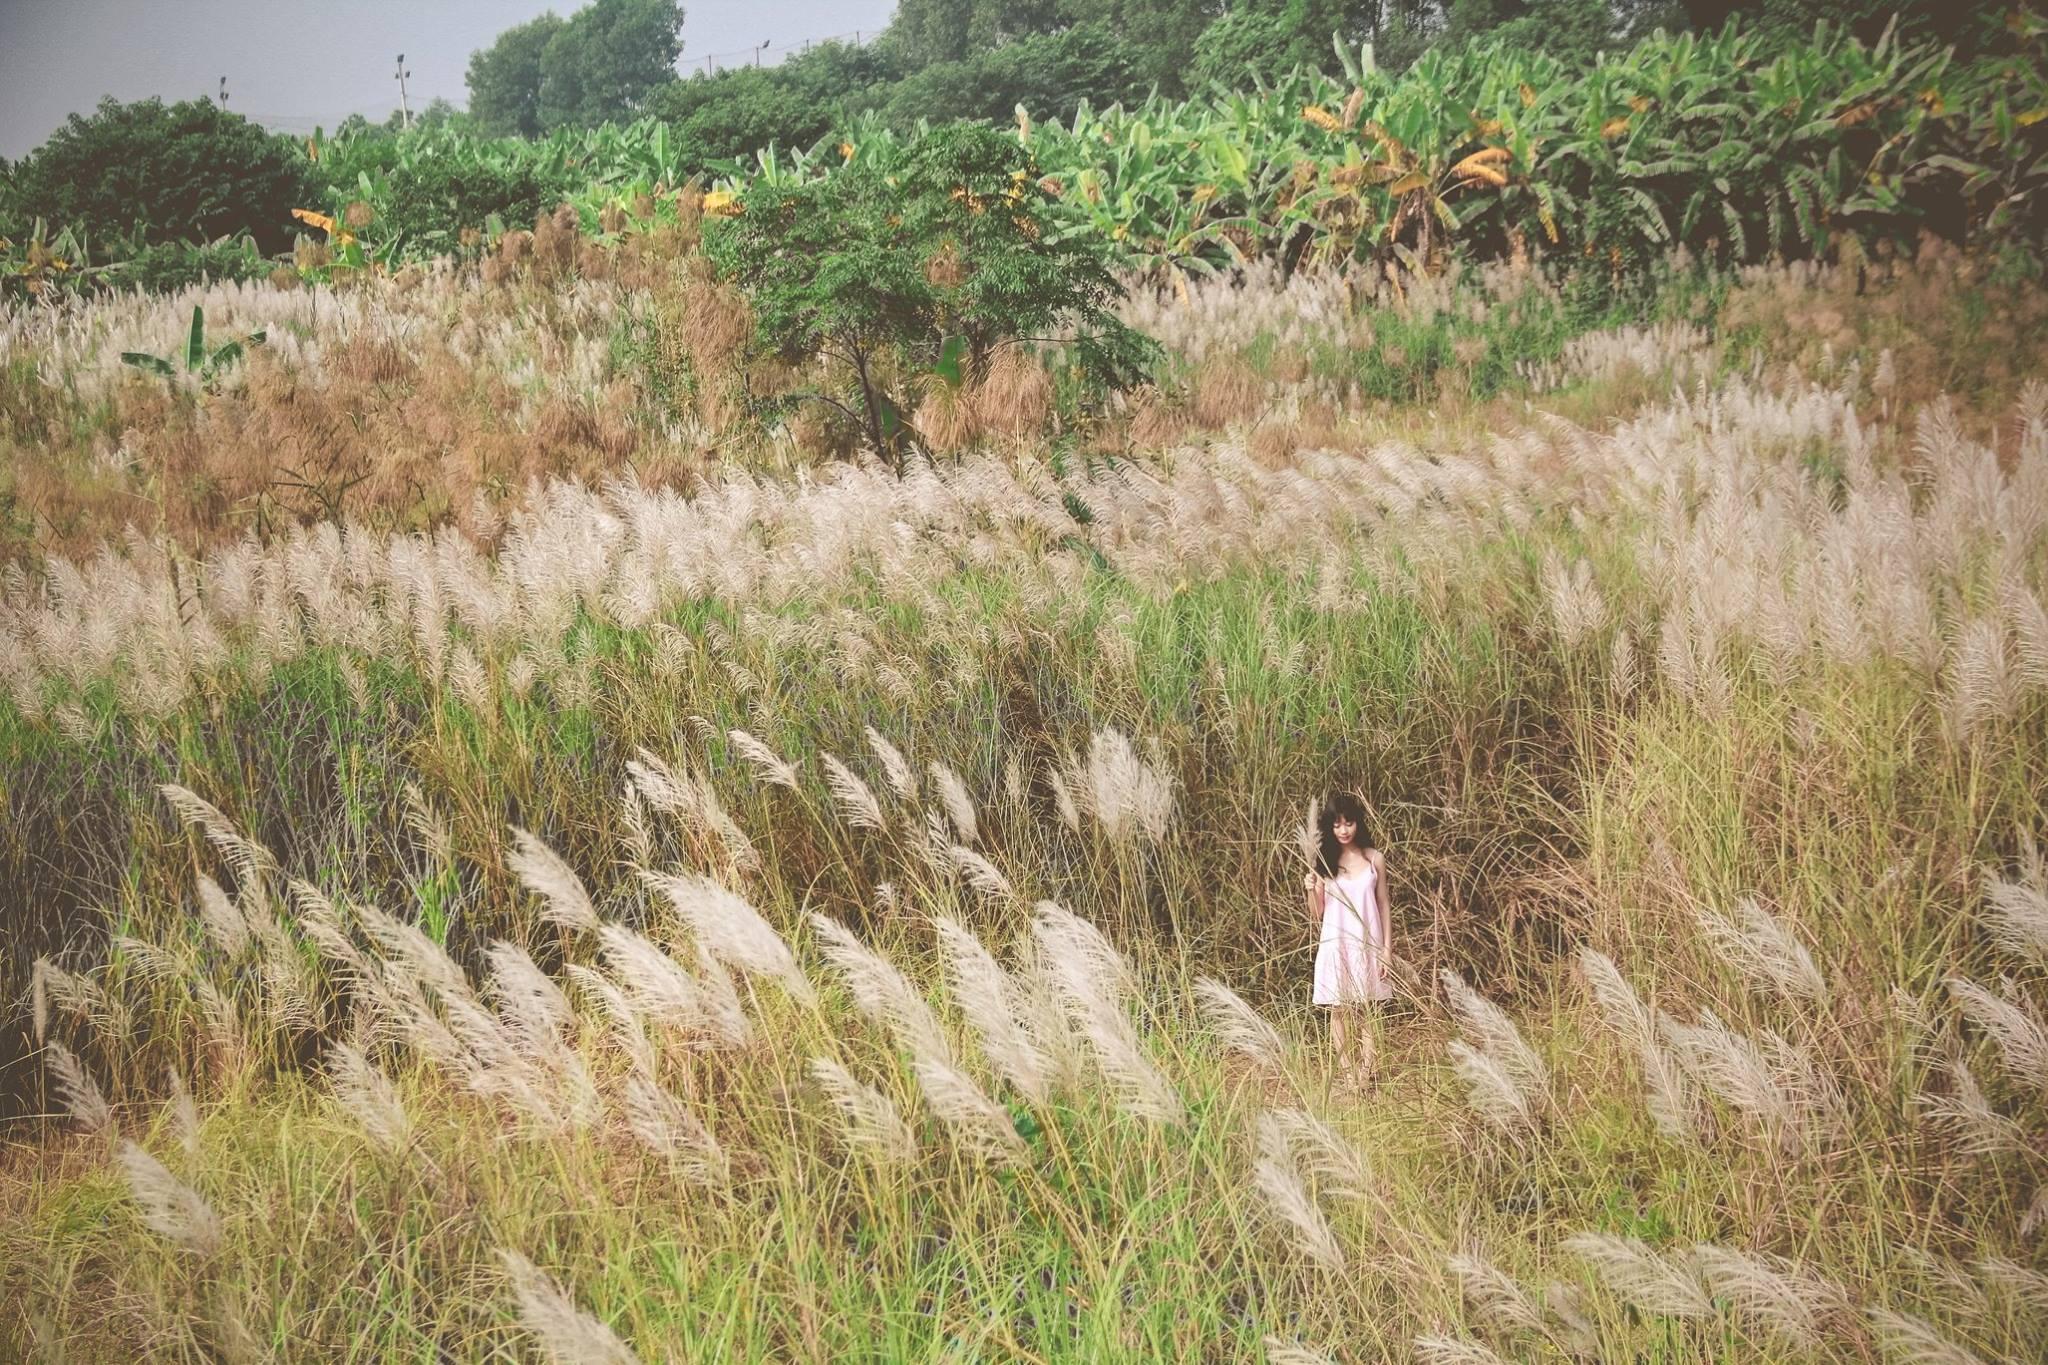 Cần gì đồi cỏ hồng, Hà Nội cũng có thung lũng bông lau mộc mạc và tinh khôi thế này đây